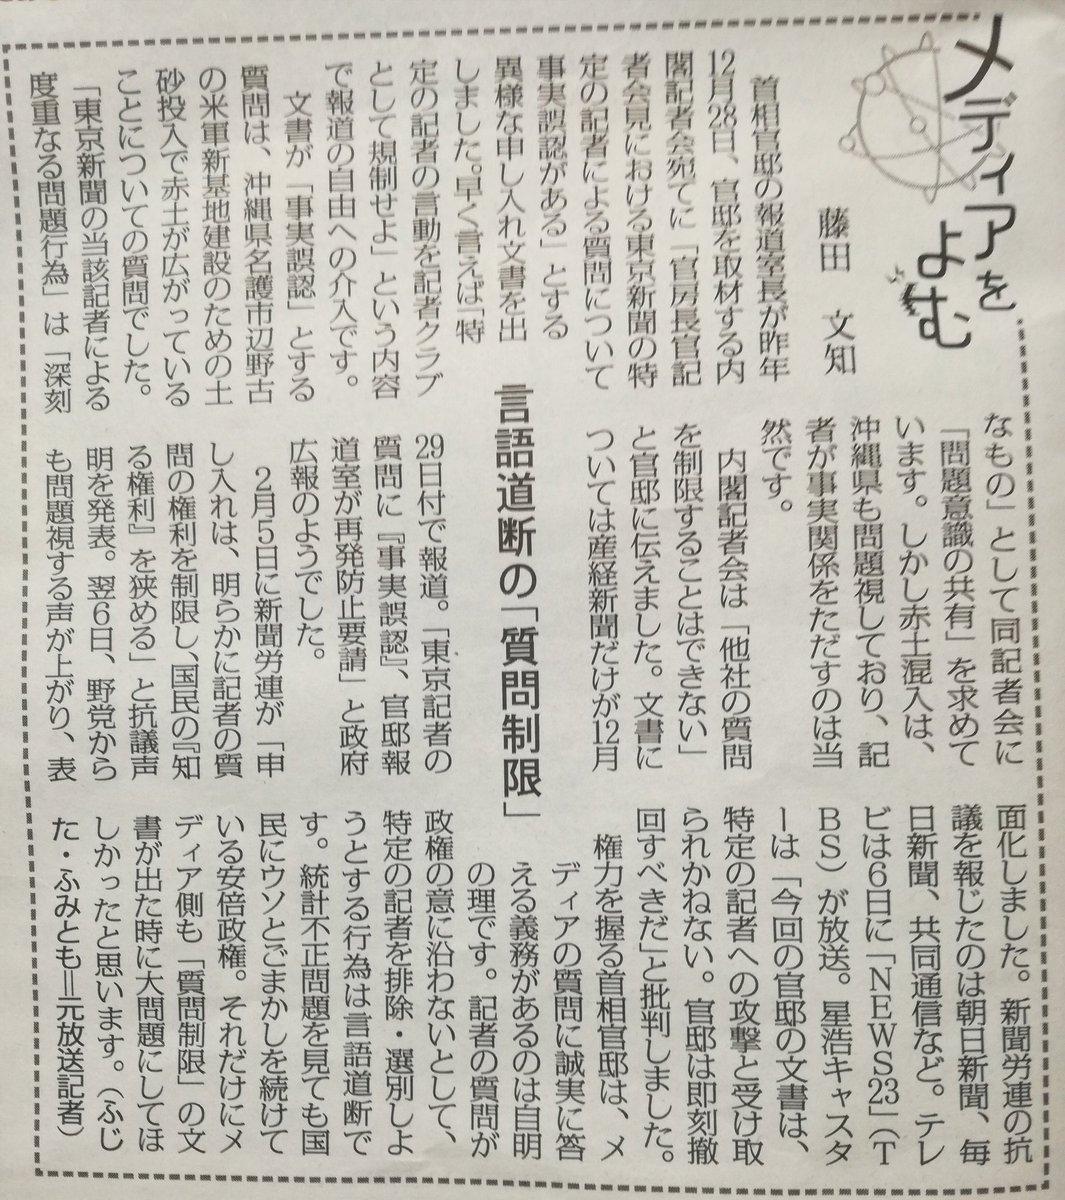 元放送記者 藤田文和氏「安倍首相官邸が、内閣記者会宛てに「菅官房長官記者会見における東京新聞の特定の記者による質問について事実誤認がある」とする異様な申し入れ文書を出しました。記者の質問が安倍政権の意に沿わないとして、特定の記者を排除しようする行為は言語道断です」と。 #赤旗日曜版